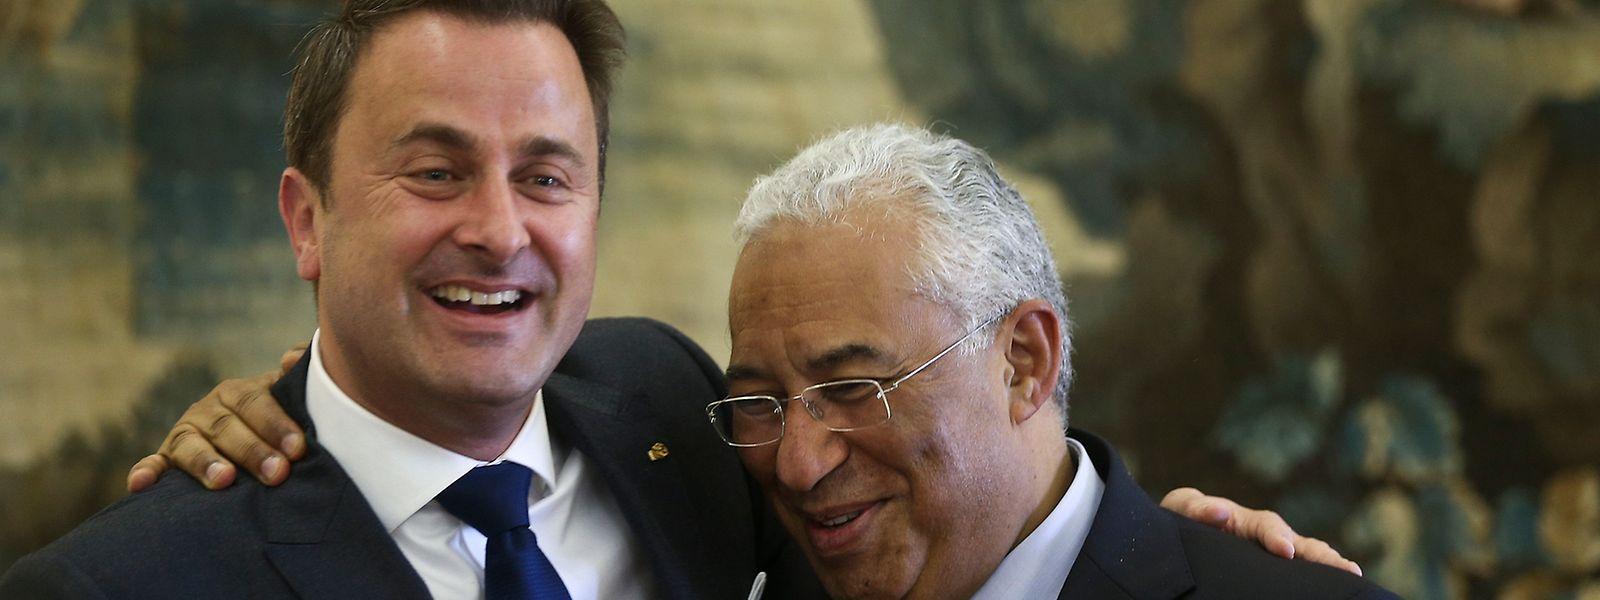 O primeiro-ministro António Costa, à direita, e o seu homólogo luxemburguês Xavier Bettel numa visita a Portugal, no Palácio de S.Bento Palace, em Lisboa. 10 novembro, 2016.